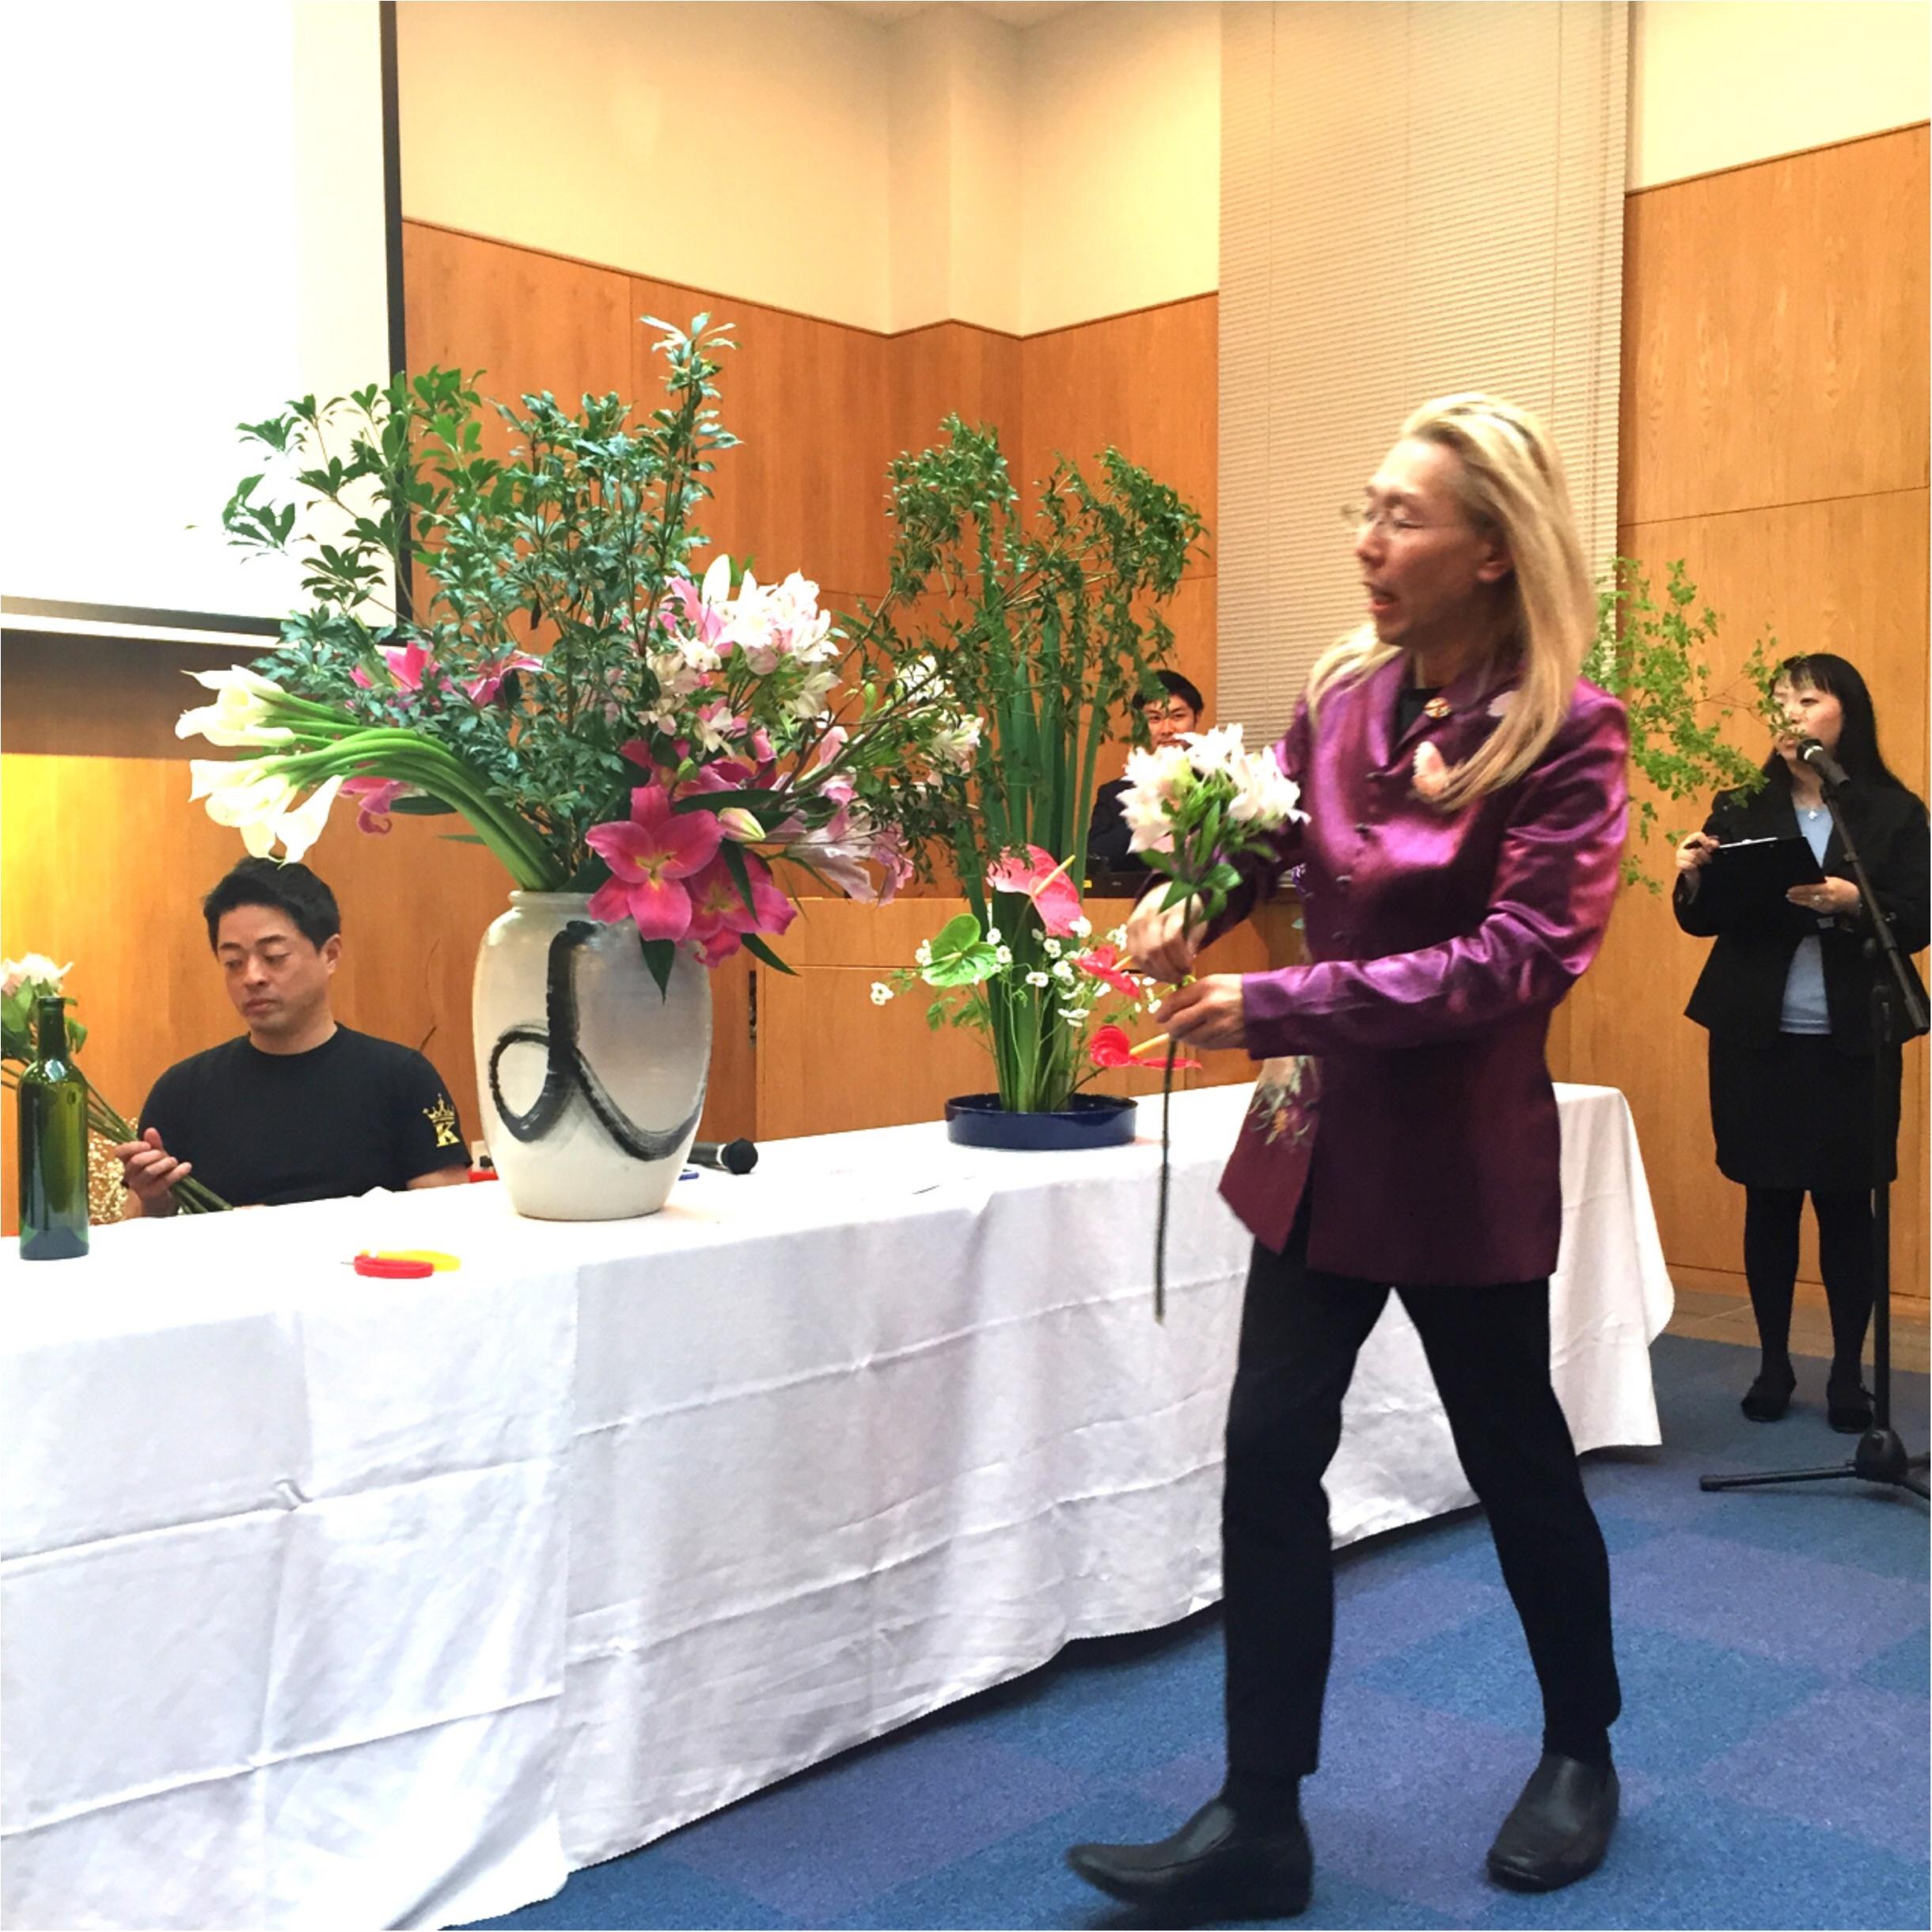 日本文化を世界に発信♪假屋崎省吾さんの華道イベント♡_1